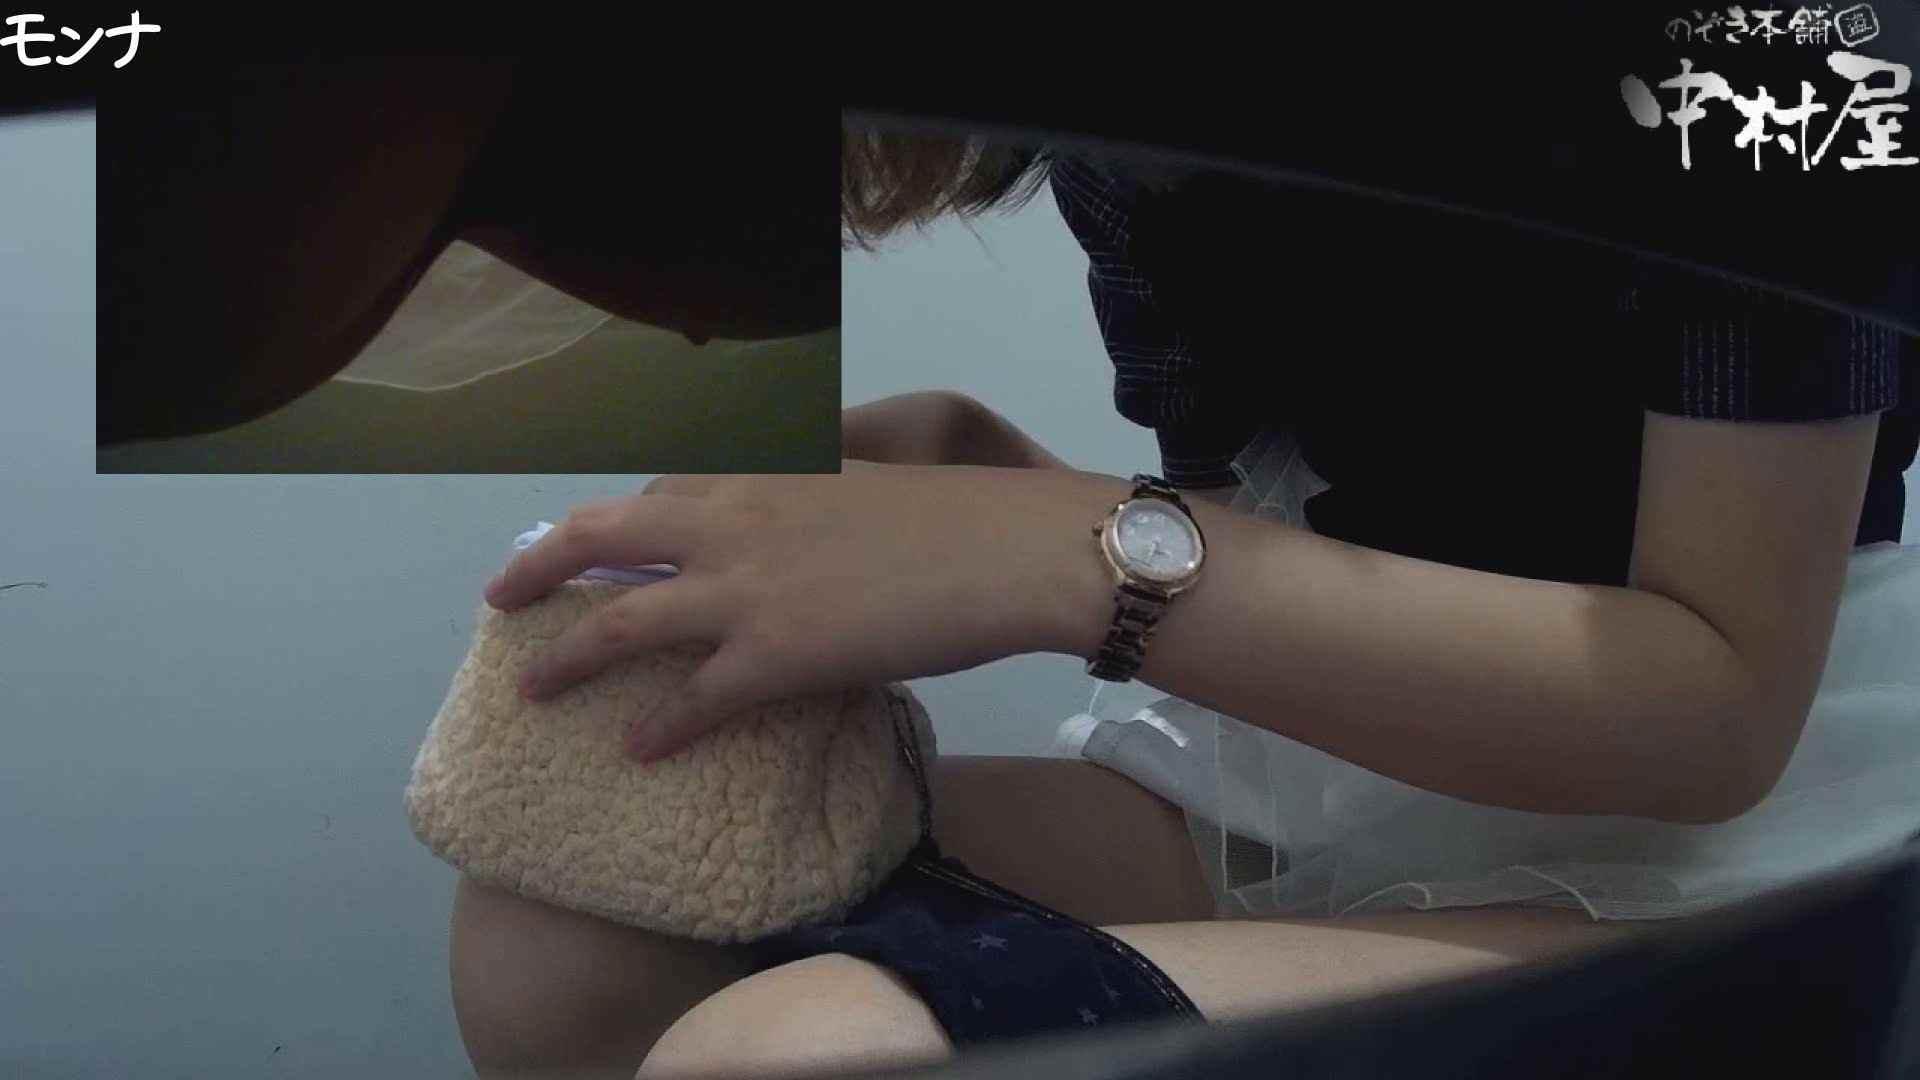 有名大学女性洗面所 vol.66 清楚系女子をがっつり!! 和式 女性器鑑賞 113pic 35